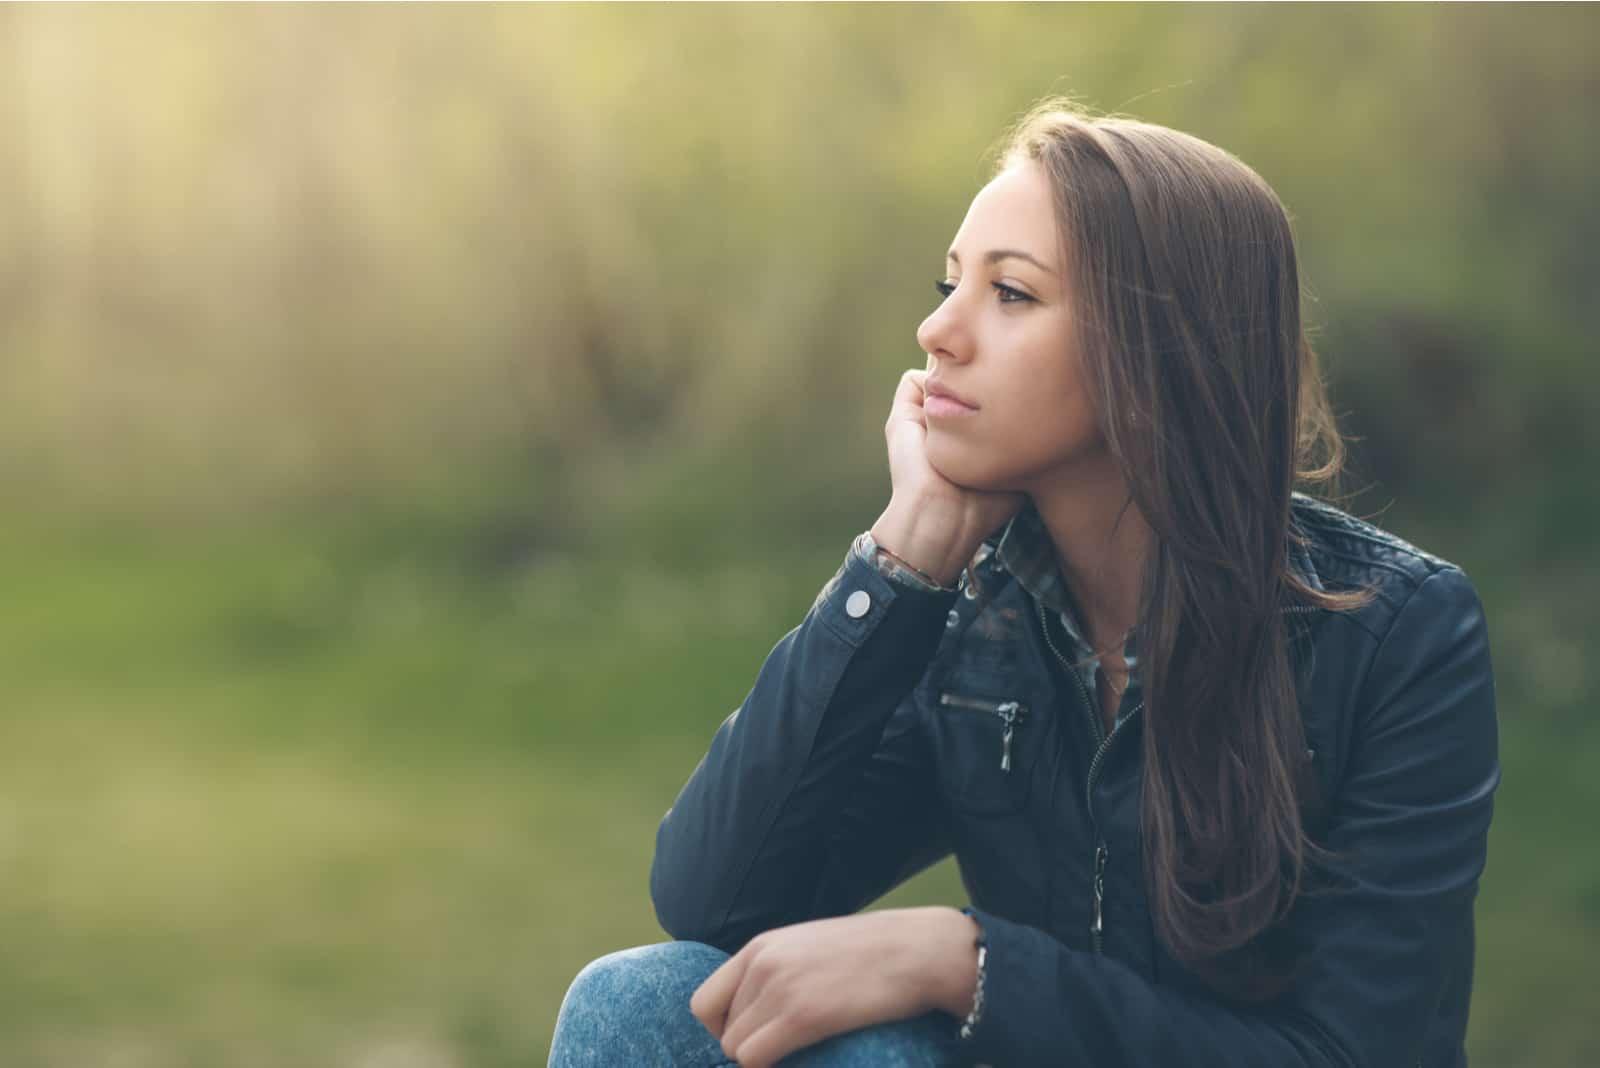 Frau, die sich im Park entspannt und auf Gras sitzt